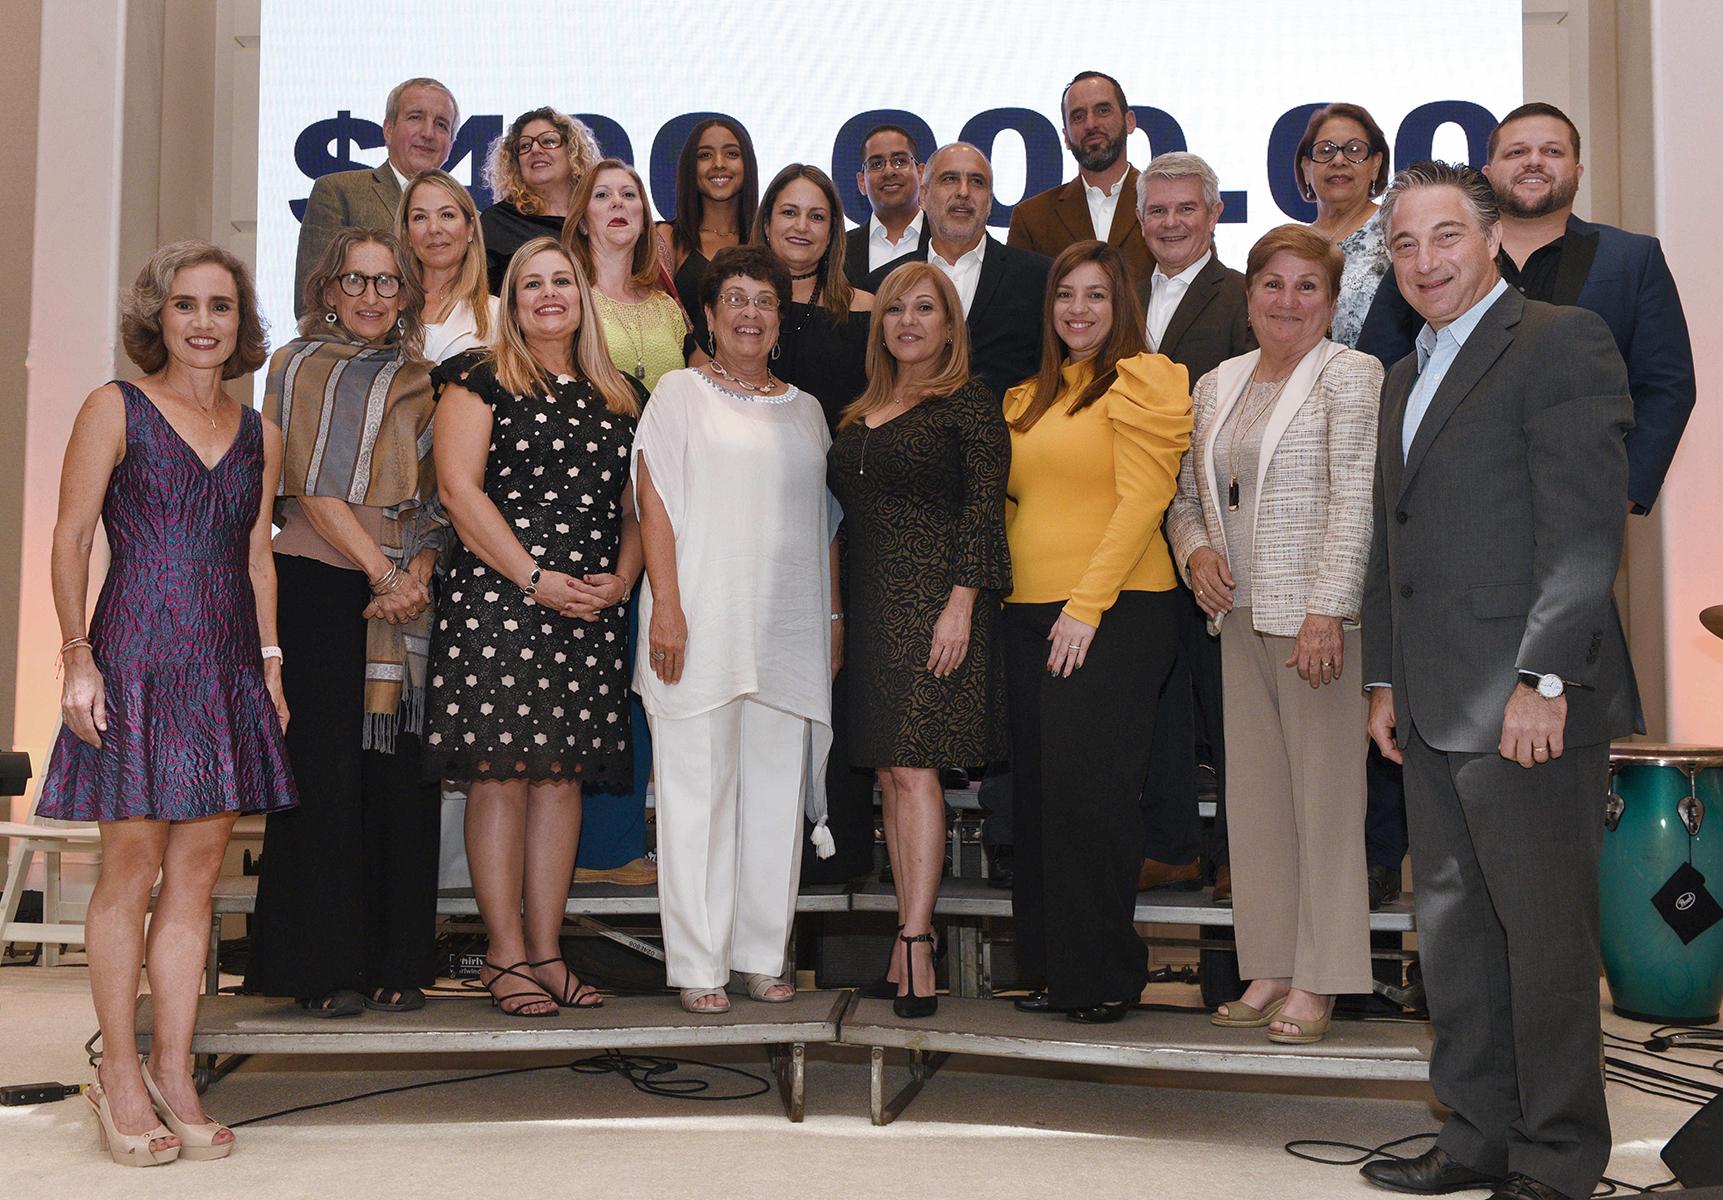 El grupo de los representantes de las 18 fundaciones que ayuda la Liberty Foundation. (Fotos: Ingrid Torres)